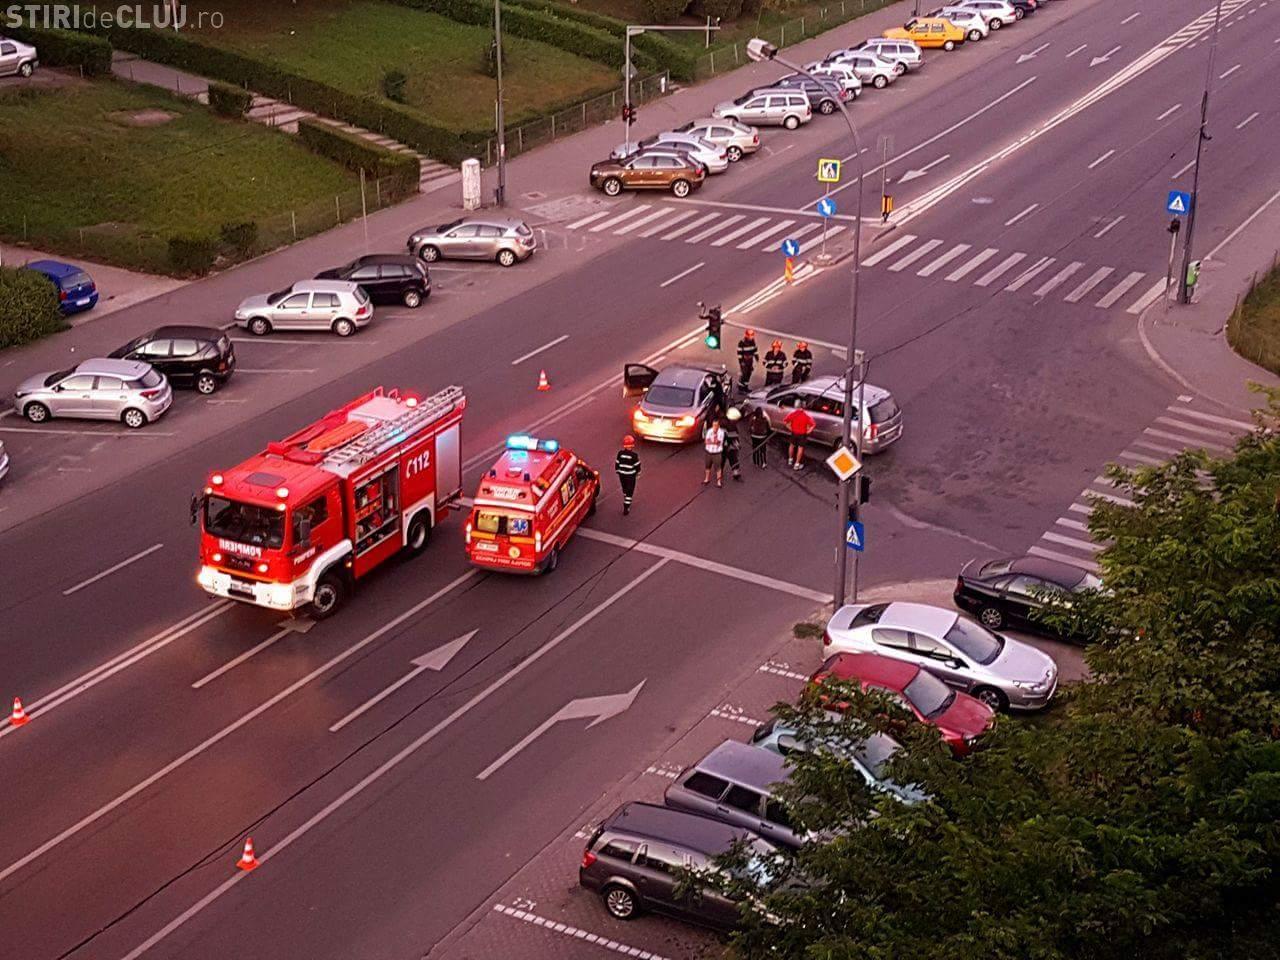 Accident pe Calea Florești. S-au lovit la ora 5.40, când traficul era scăzut - FOTO